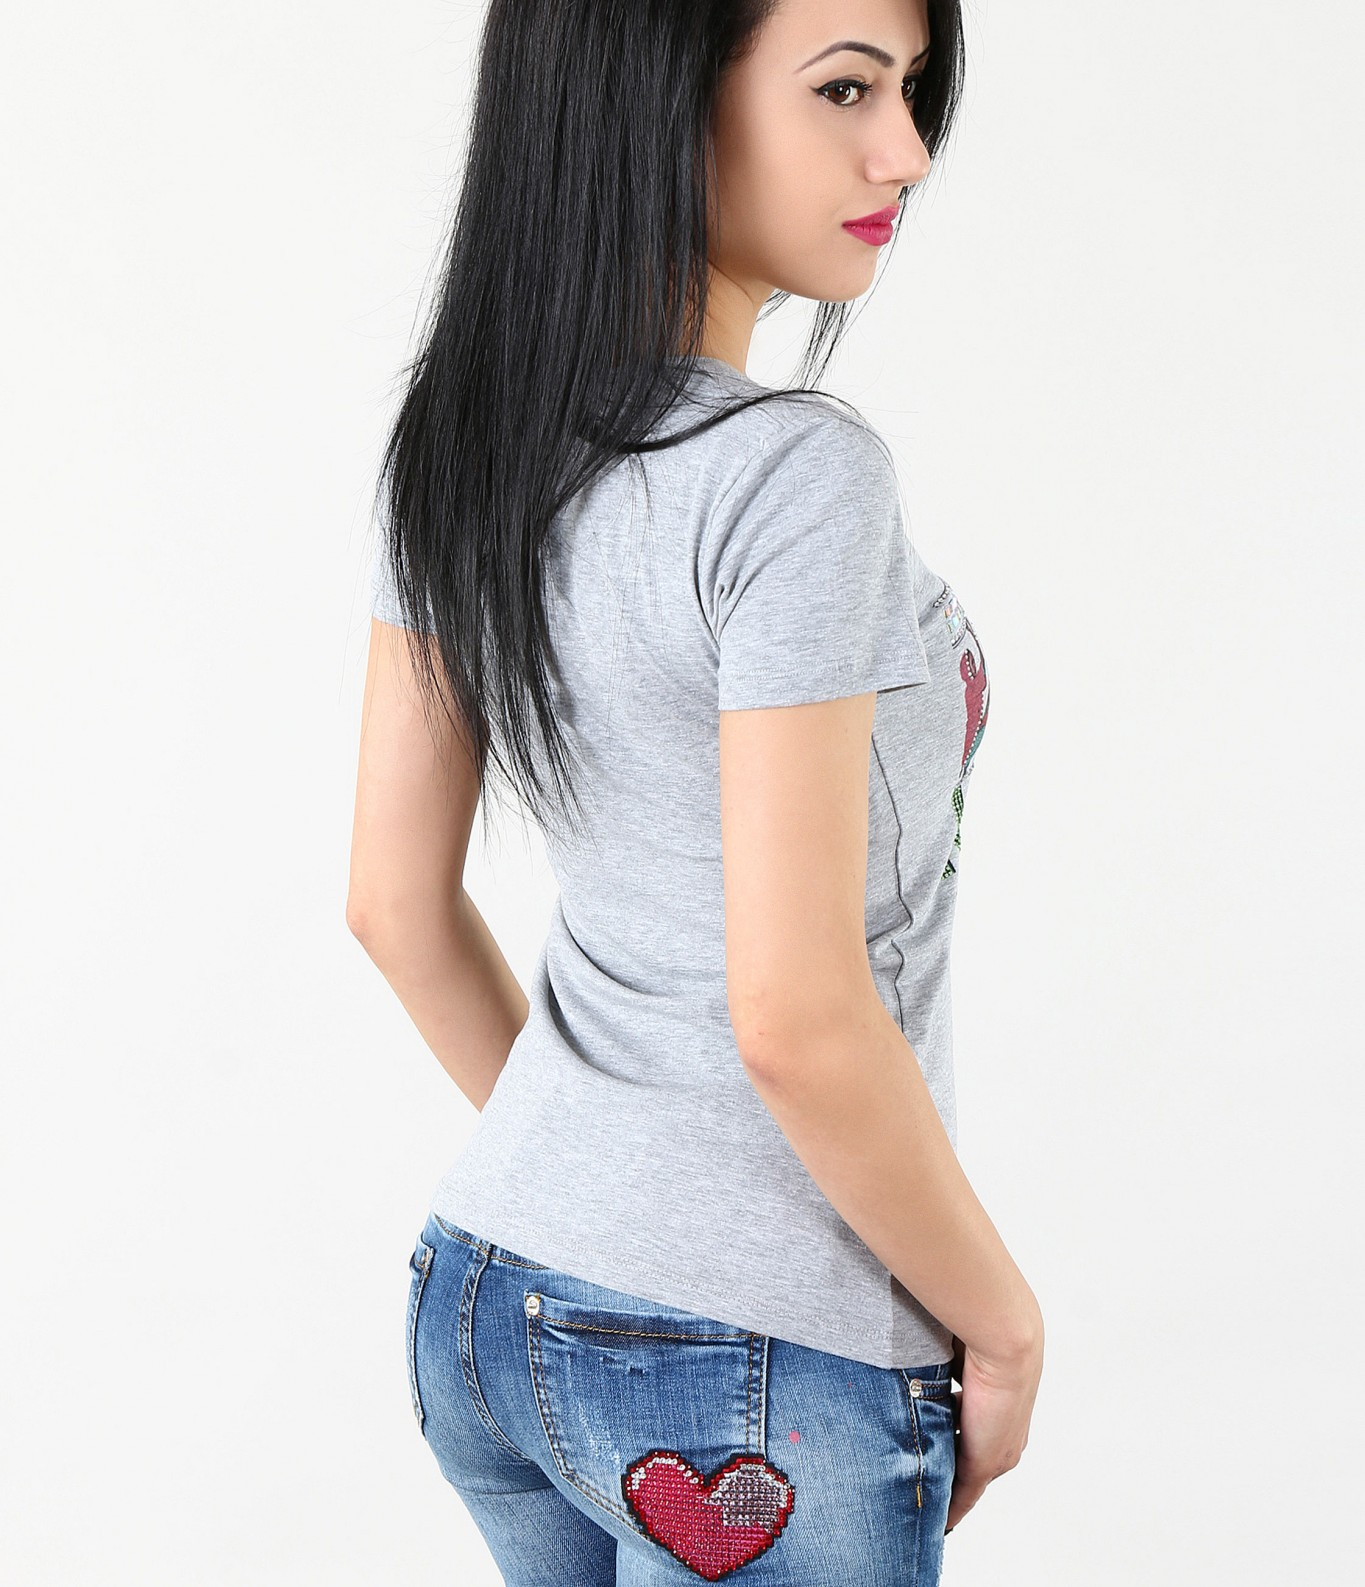 ce86e554579 Дамска модерна тениска в светло сив цвят-4326 - Red Point Варна